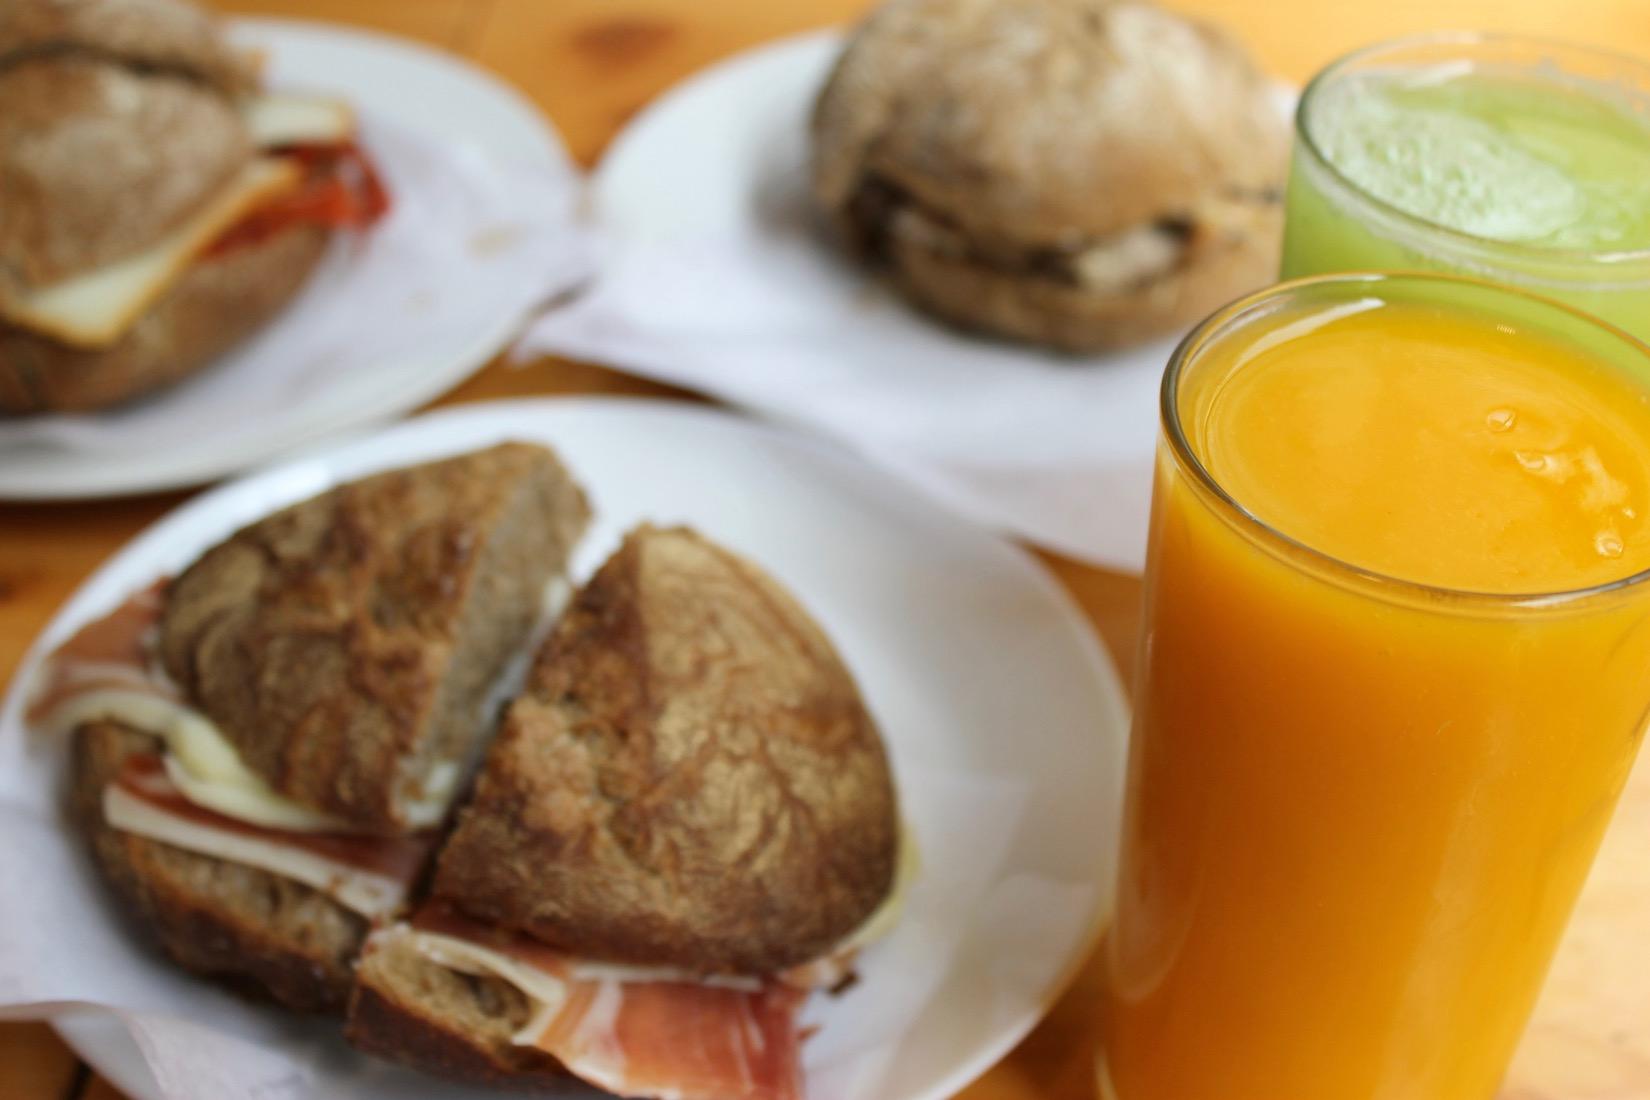 sandwich-a-nova-pombalina-1